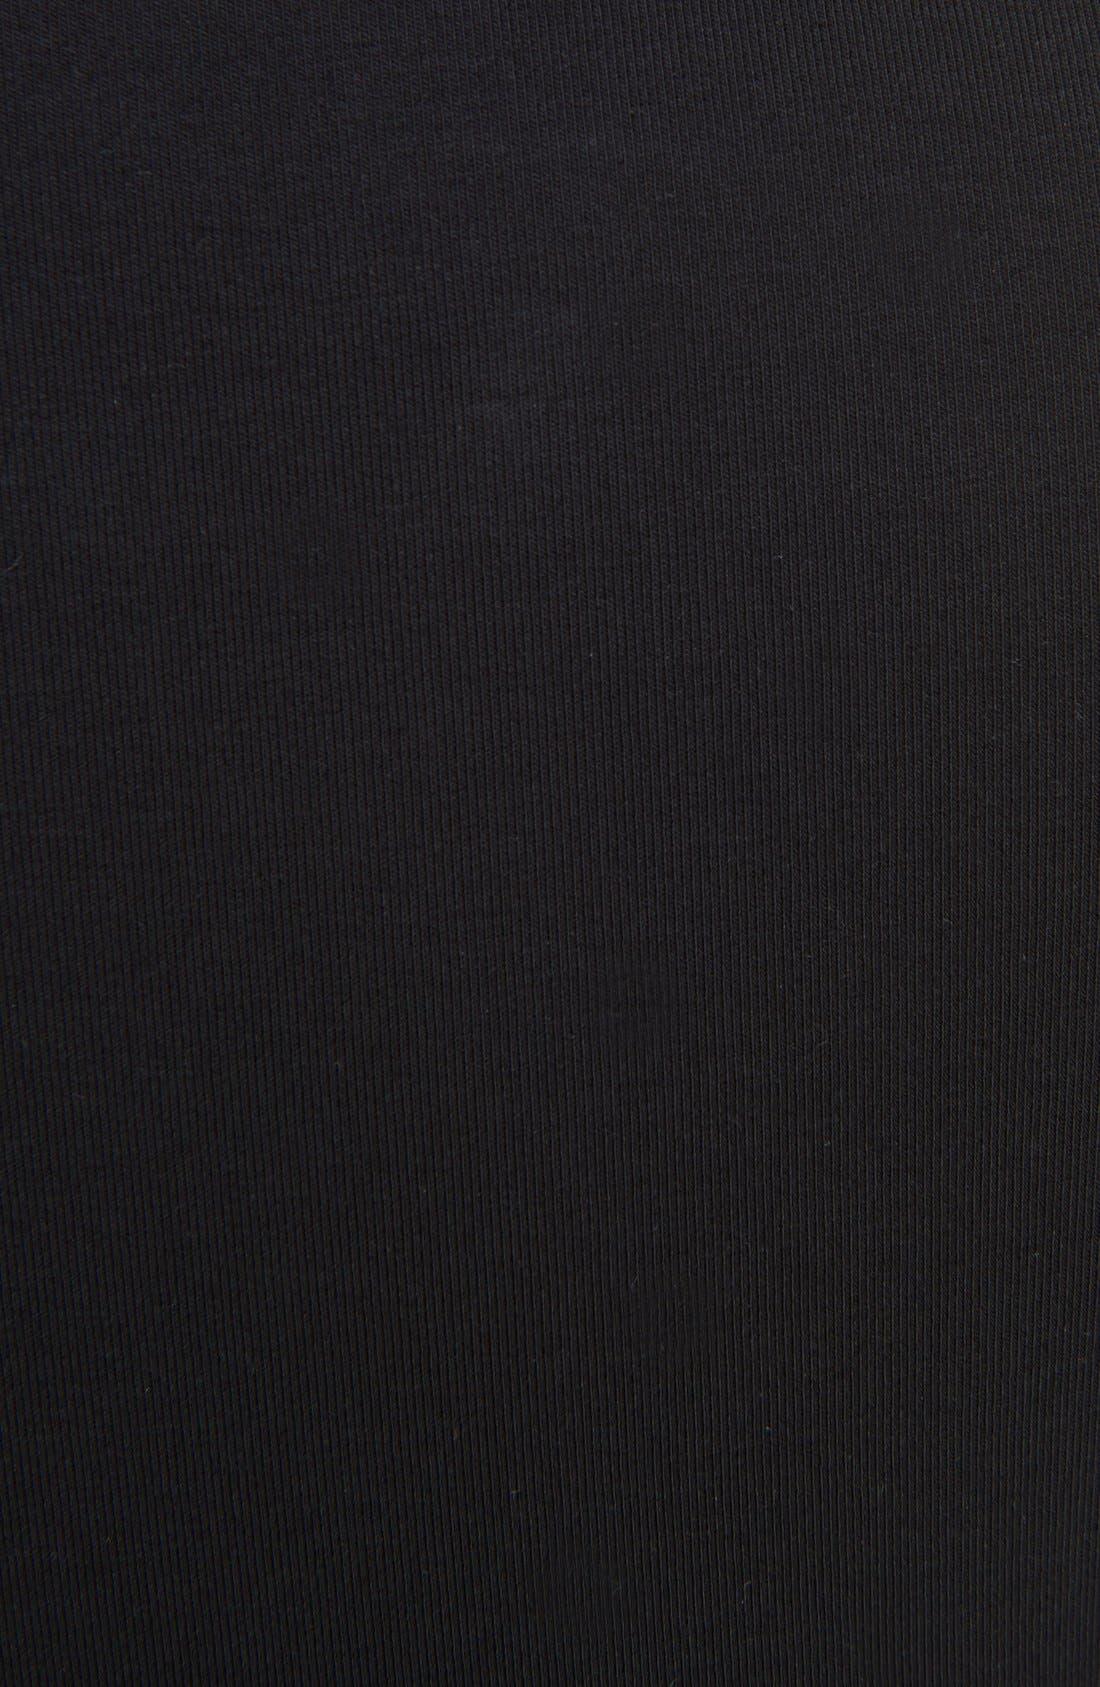 Iza Rib Tee,                             Alternate thumbnail 3, color,                             Black